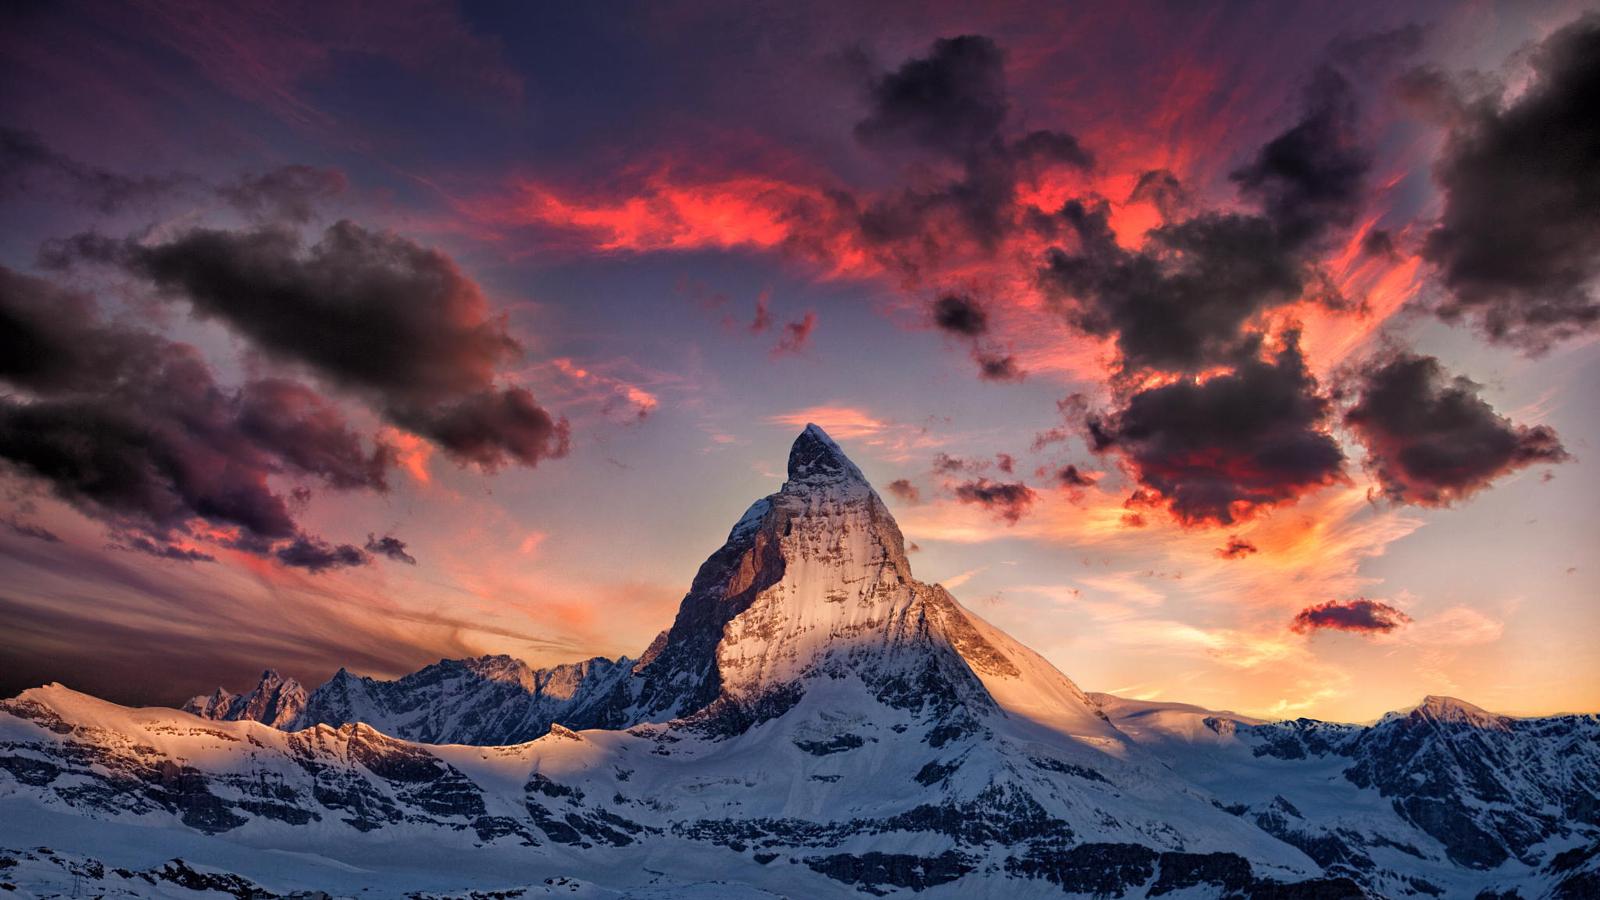 Самое интересное Смешные картинки и фотографии : Котики, которые присмотрели для себя кукольные кровати